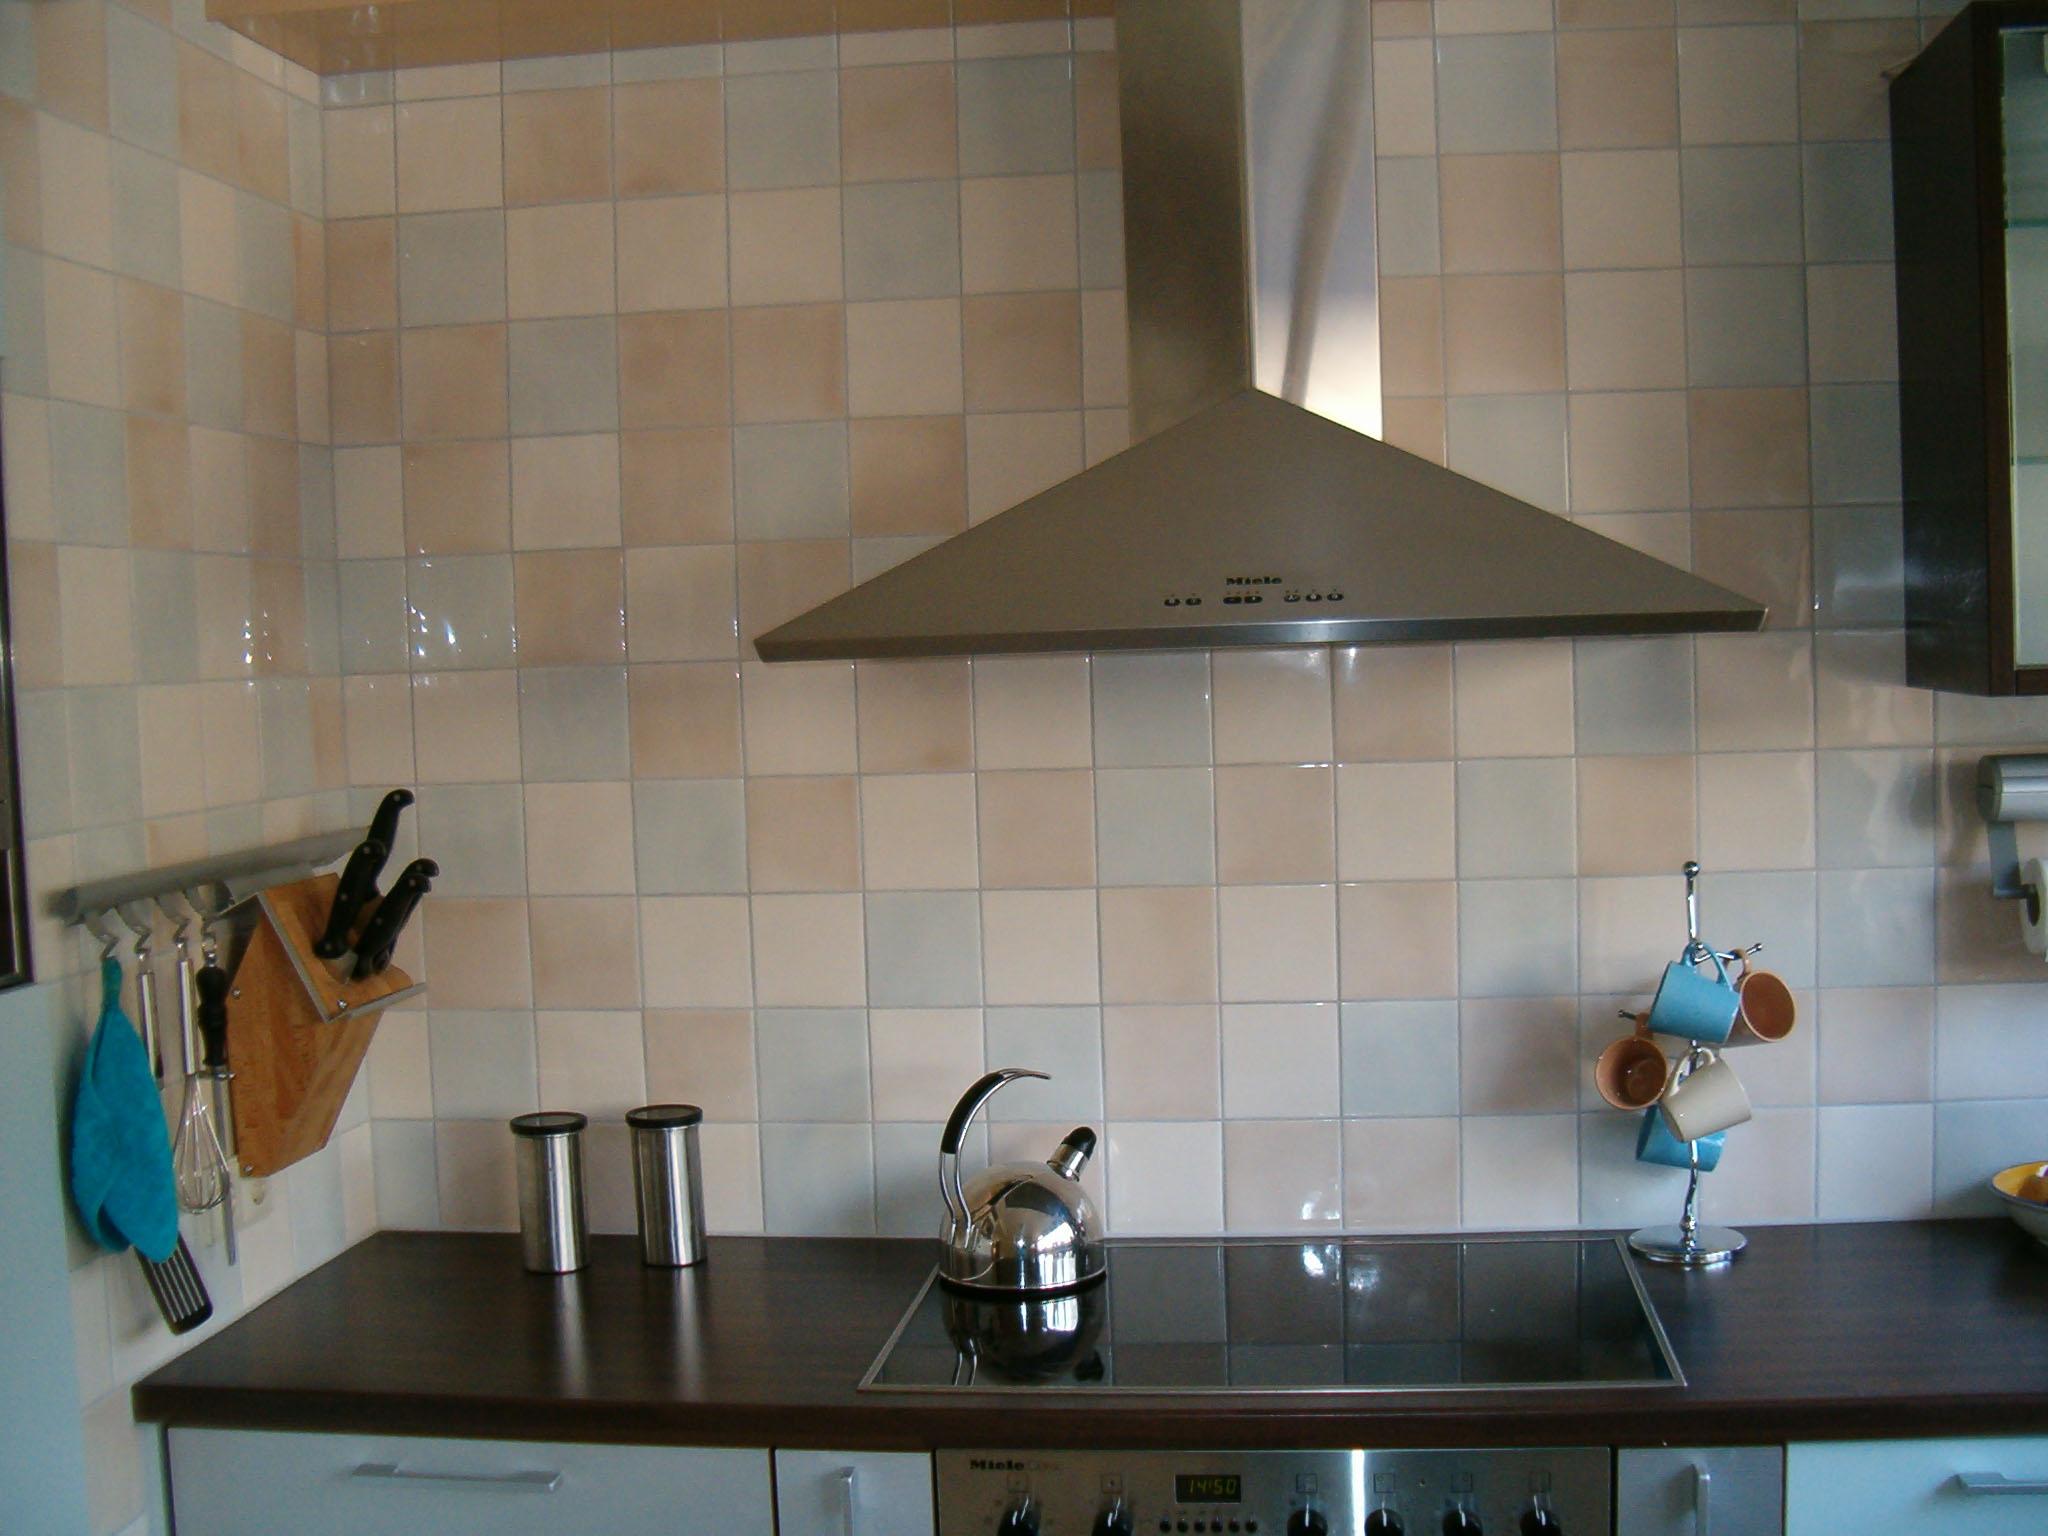 Wandtegels Keuken Voorbeelden : Keuken02